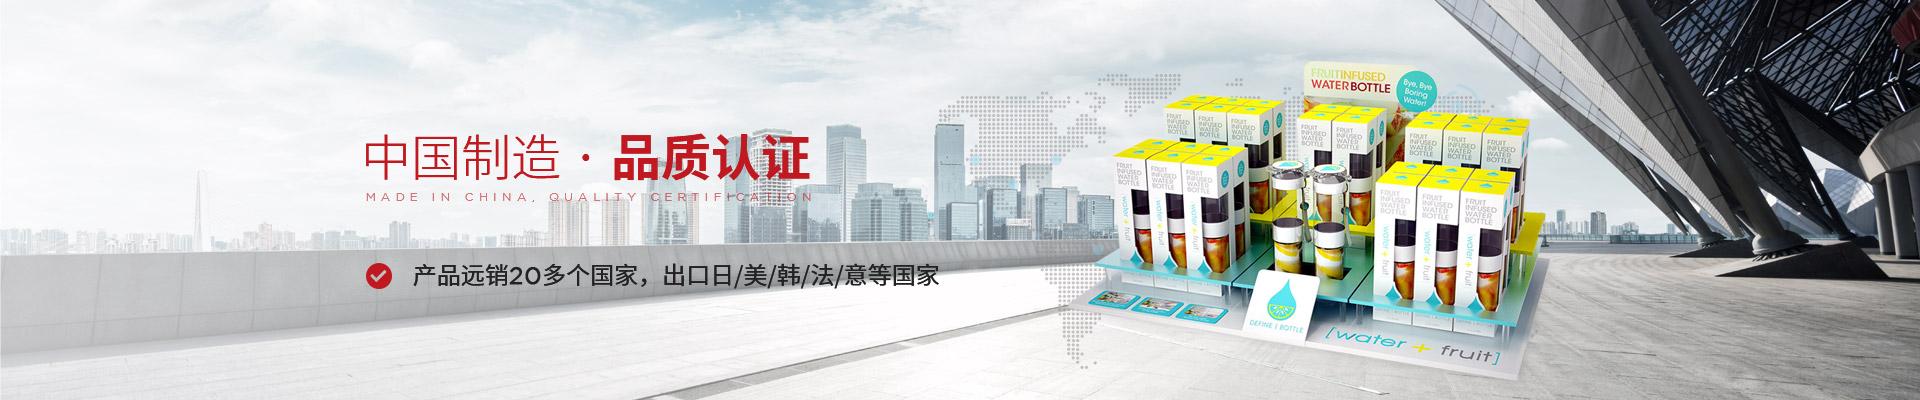 中国制造,品质认证